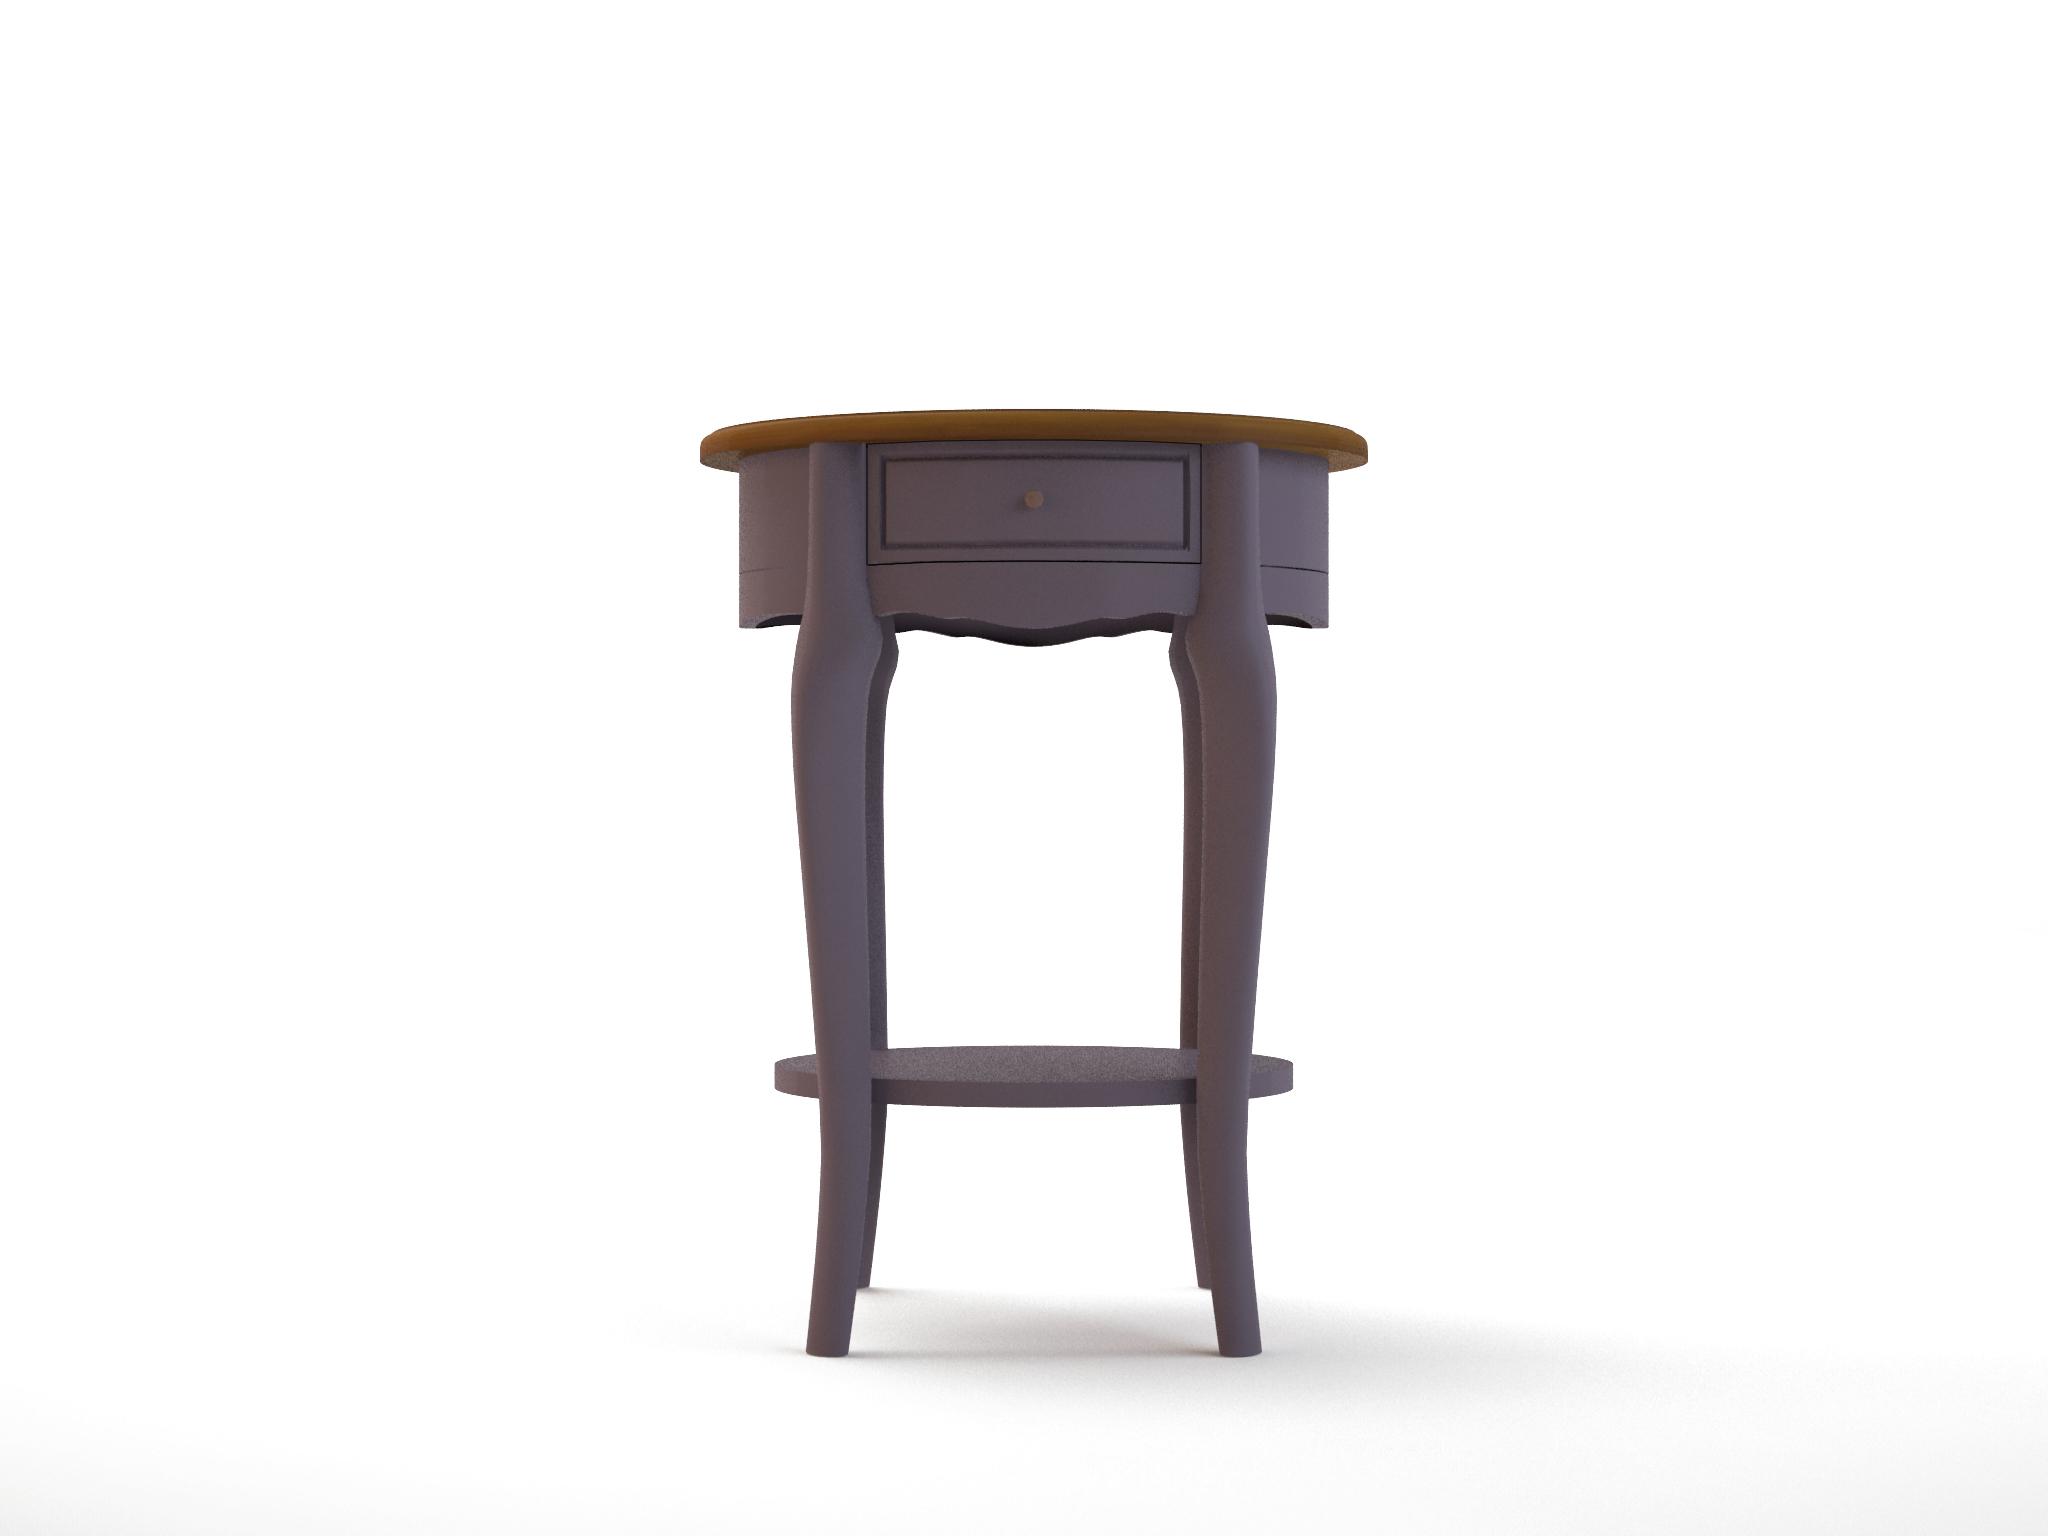 Овальный столик Leontina lavandaПриставные столики<br>Материал: Массив березы,Массив ясеня<br><br>Material: Дерево<br>Ширина см: 55<br>Высота см: 72<br>Глубина см: 43